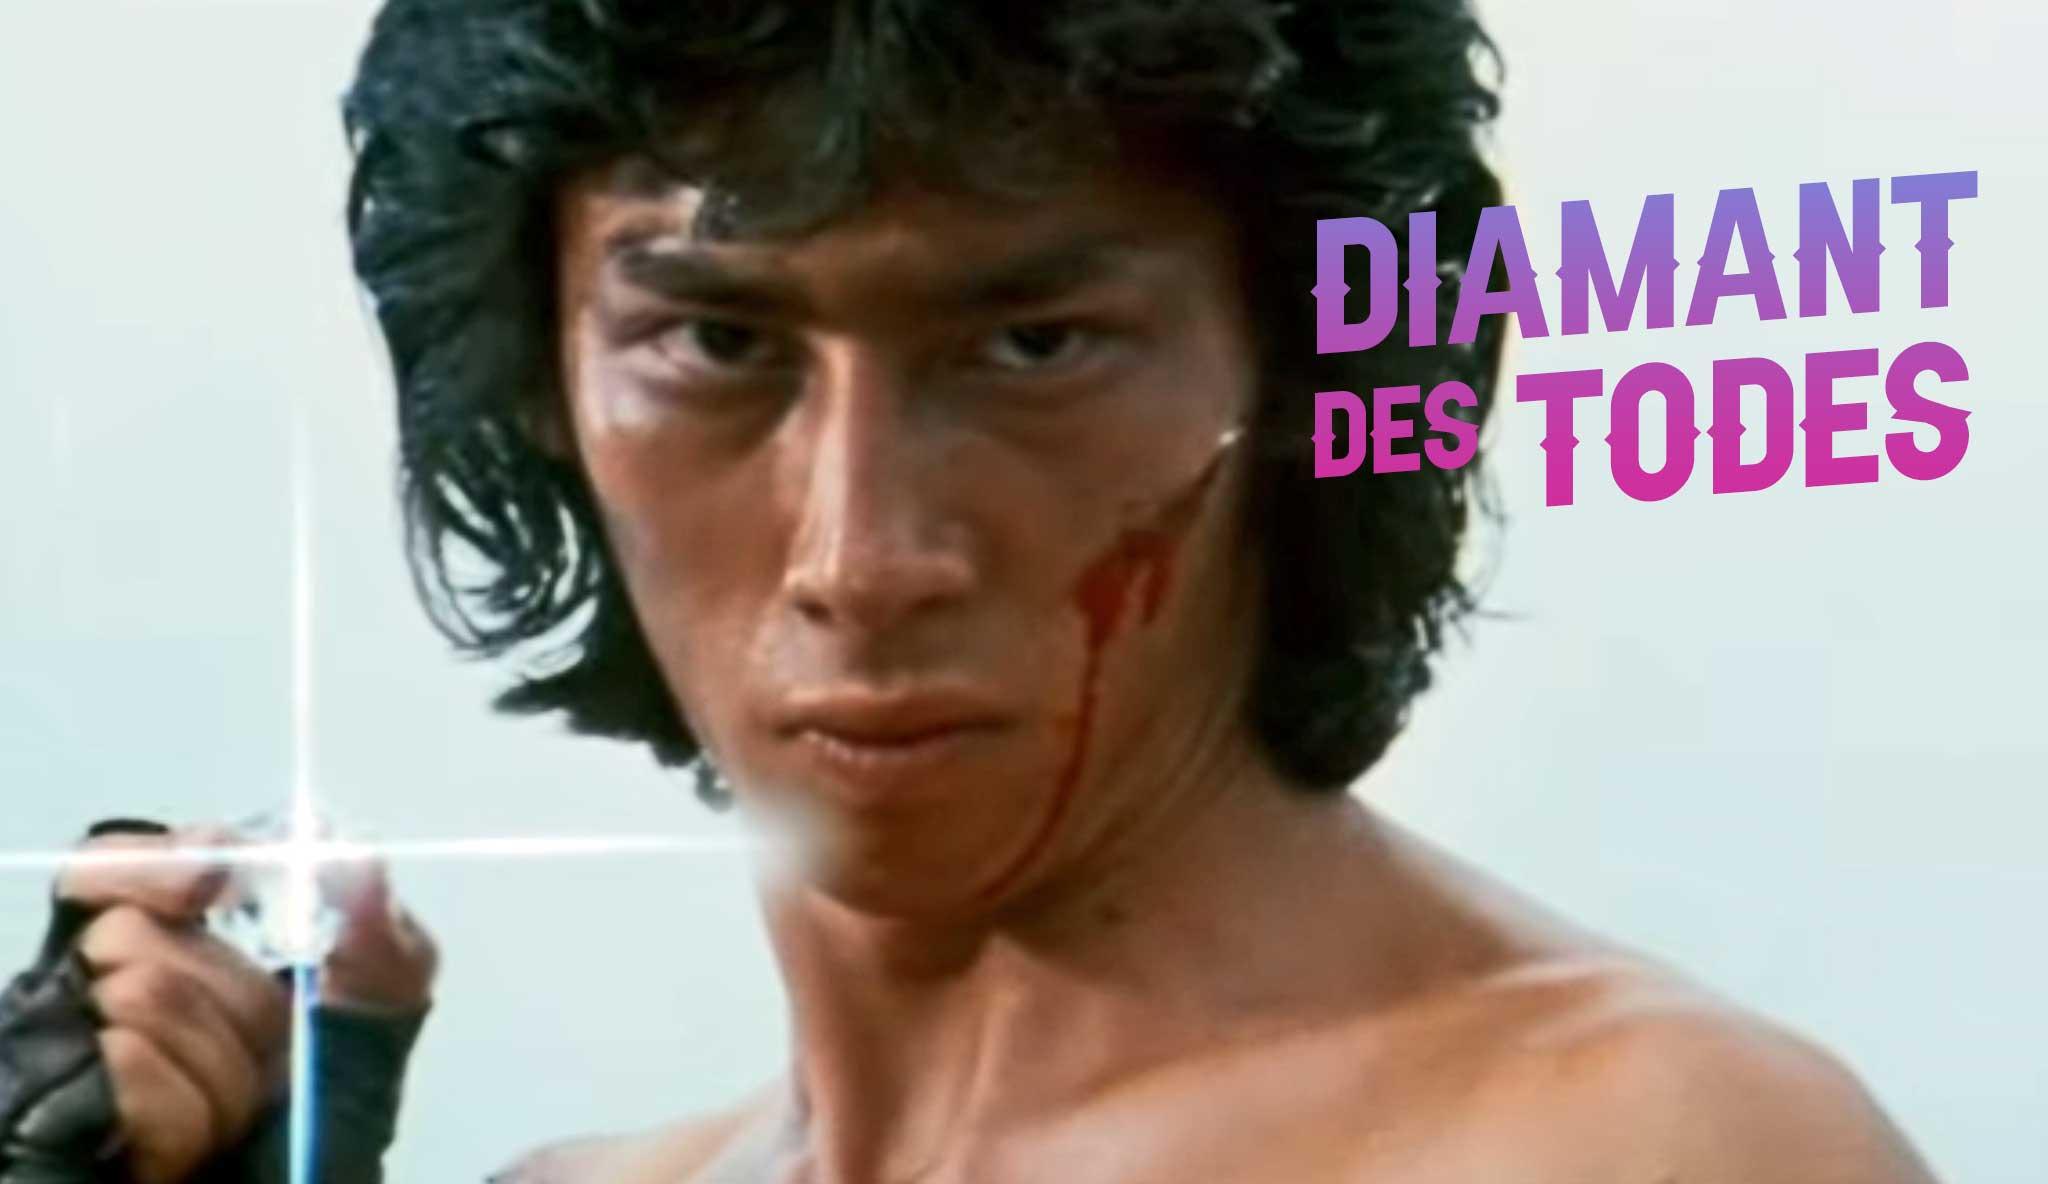 diamant-des-todes\widescreen.jpg